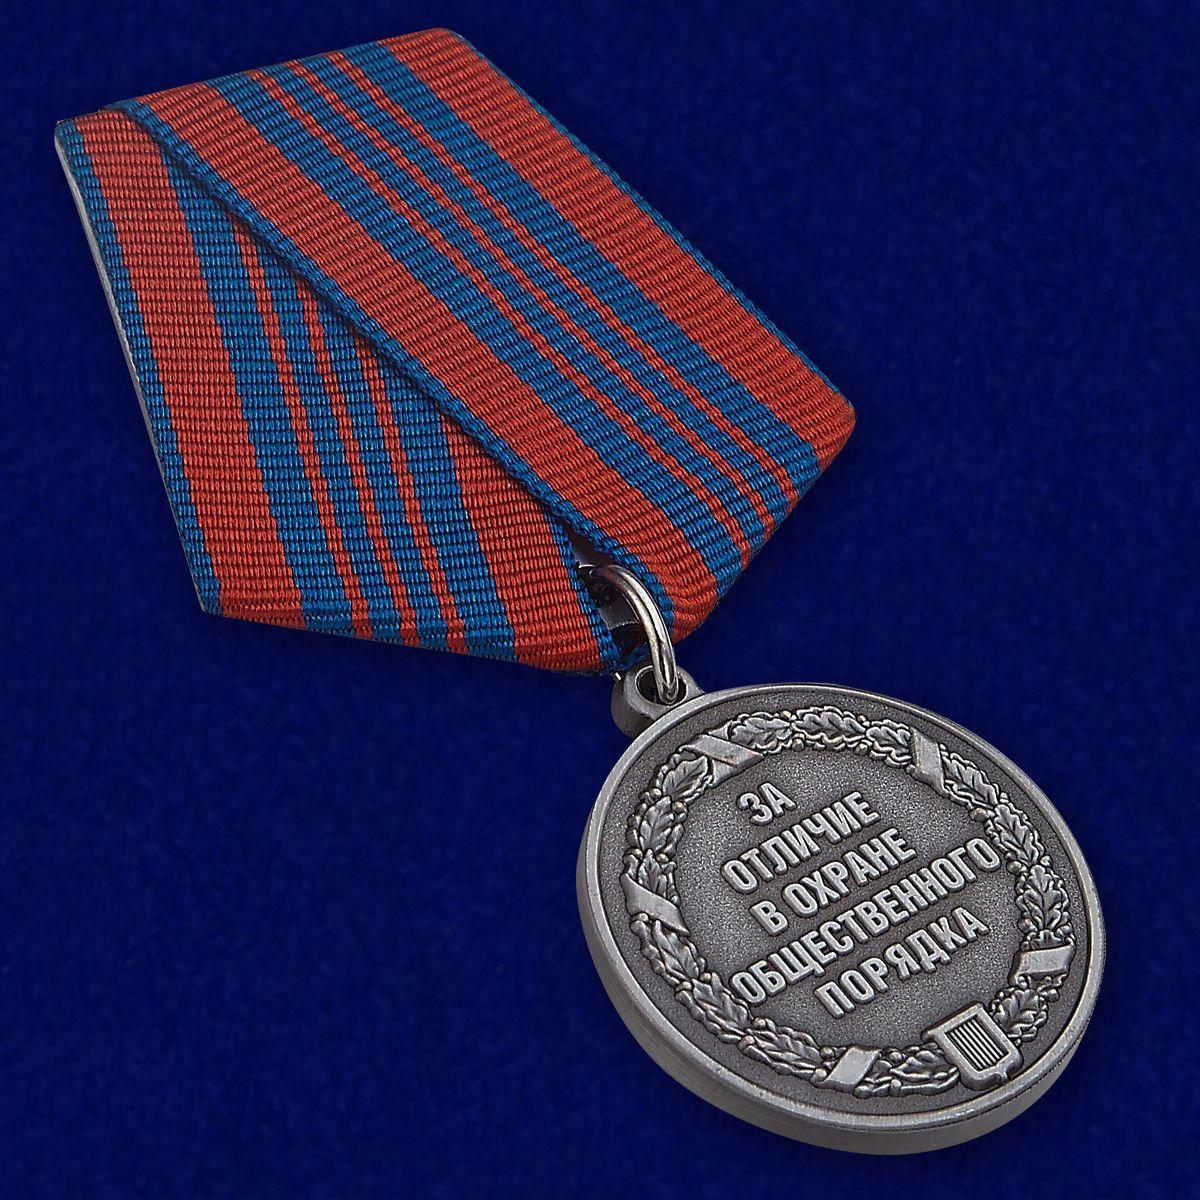 """Латунная медаль """"За отличие в охране общественного порядка"""" в красивом футляре из флока с пластиковой крышкой - общий вид"""